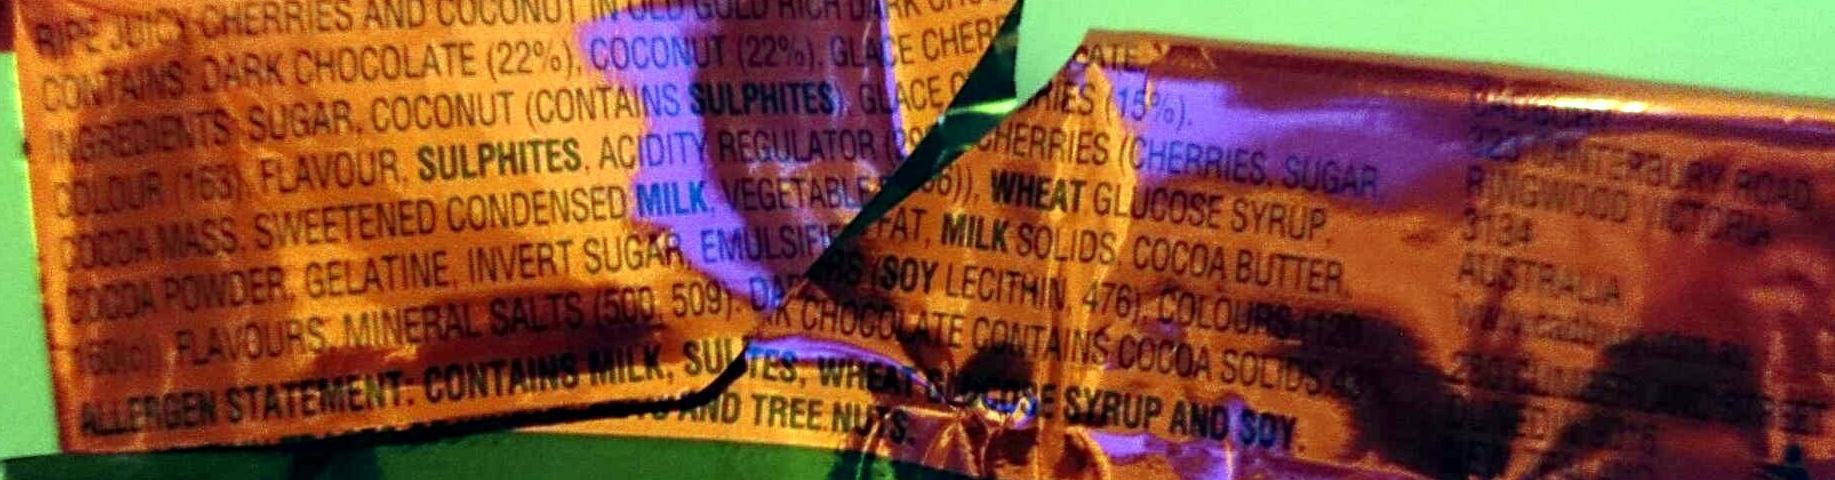 Cherry Ripe Twin Pack - Ingredients - en